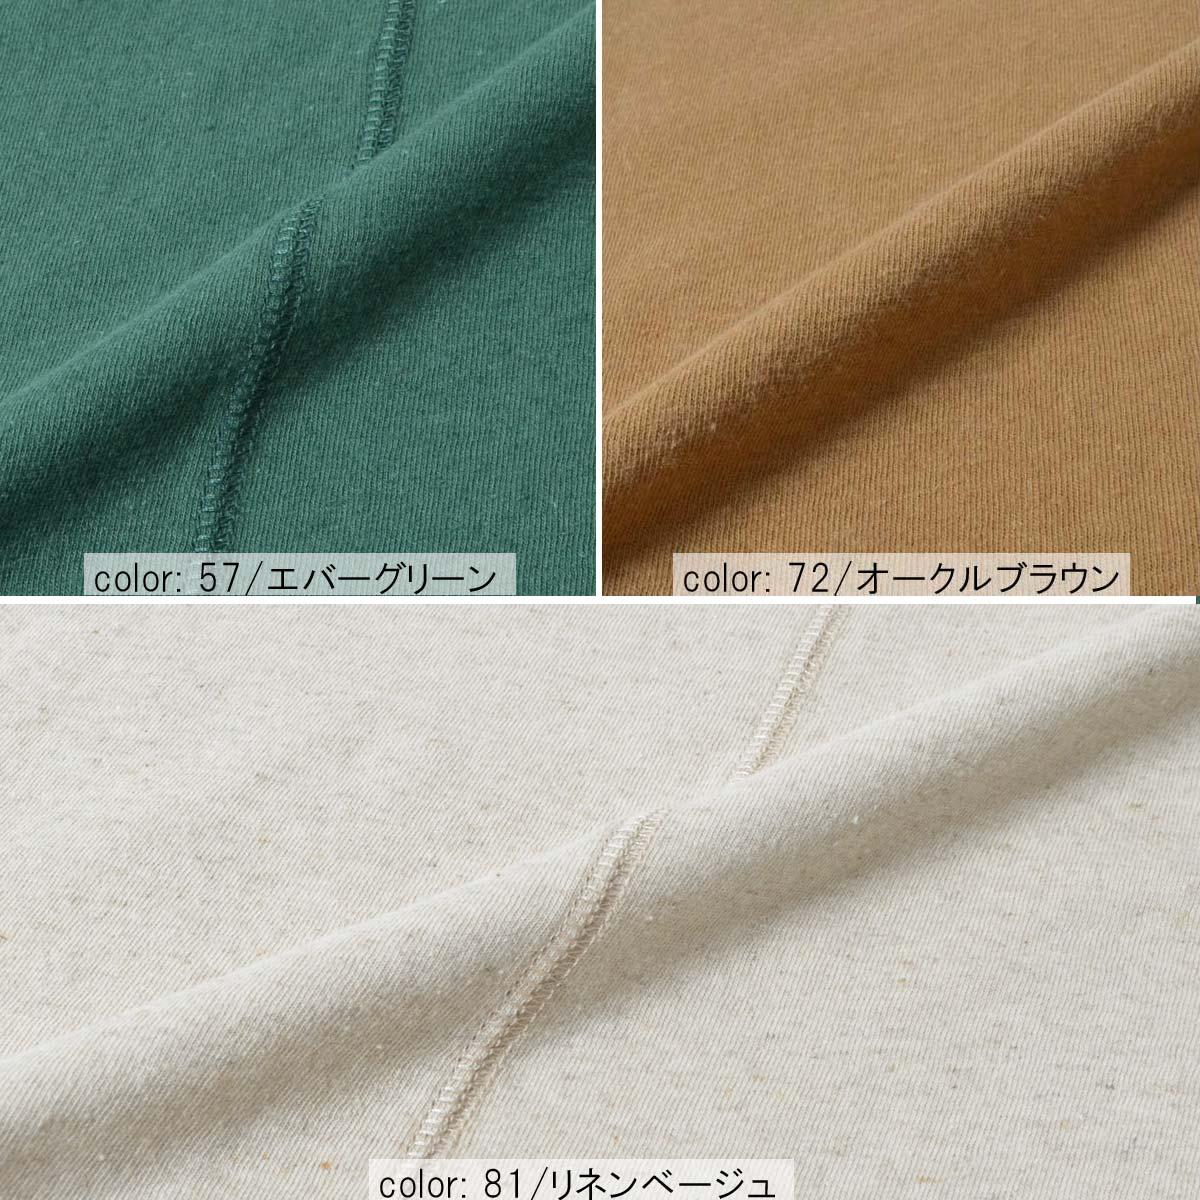 【PRE SALE】Cafetty リネン混ワイドカレッジT CF6040